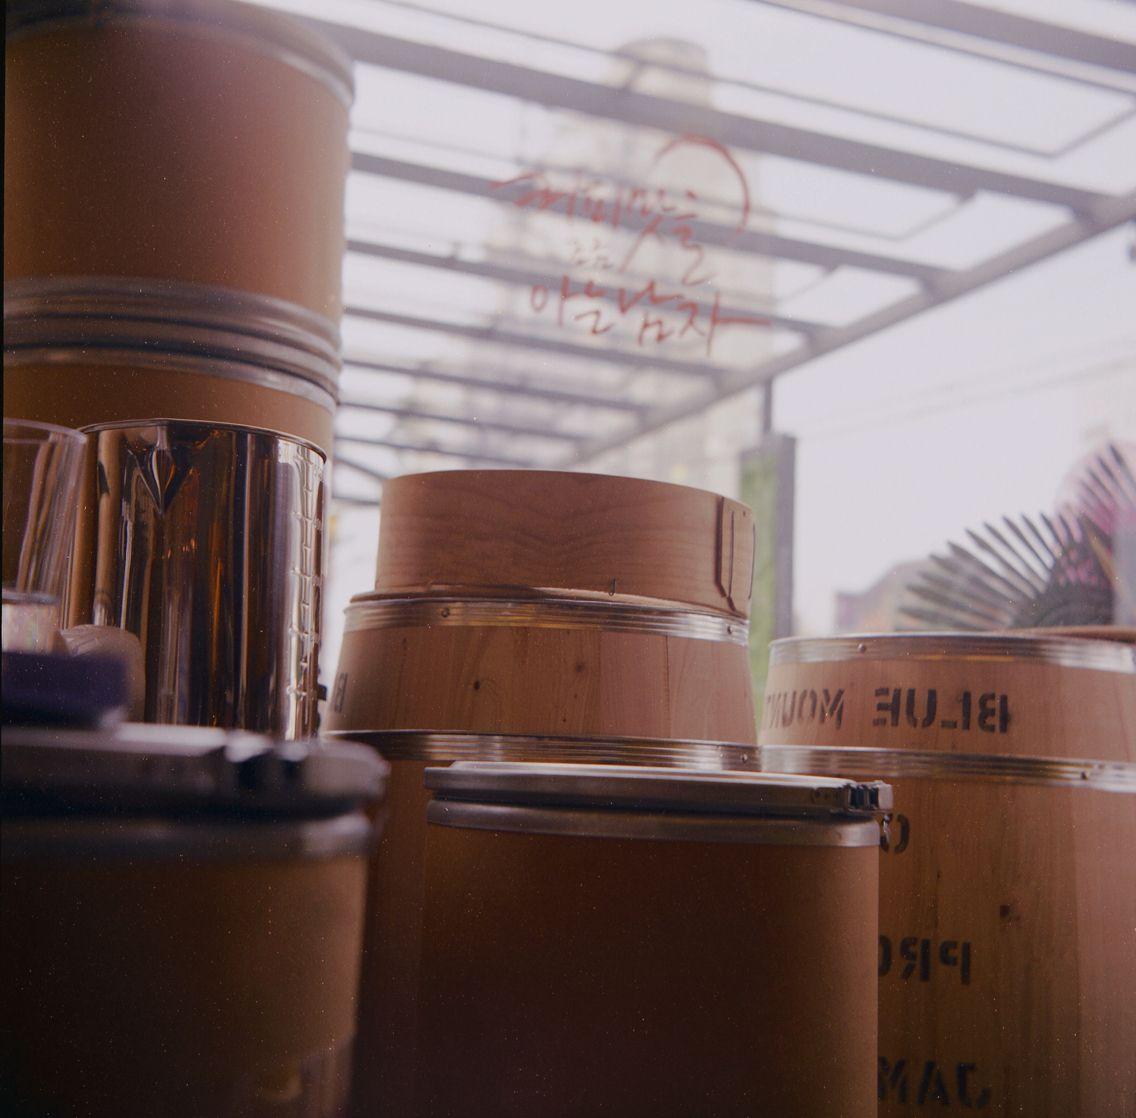 유난히 맛있는 커피가 생각나는 아침...  그곳에 가고 싶다...  #Richflex #snap #photo #사진 #감성사진 #일상 #daily #대구 #커피맛을조금아는남자 #coffee #커피스타그램  #film #filmcamera #120mm #중형 #analog #필름스타그램 #photoholic #filmholic #김군_photography